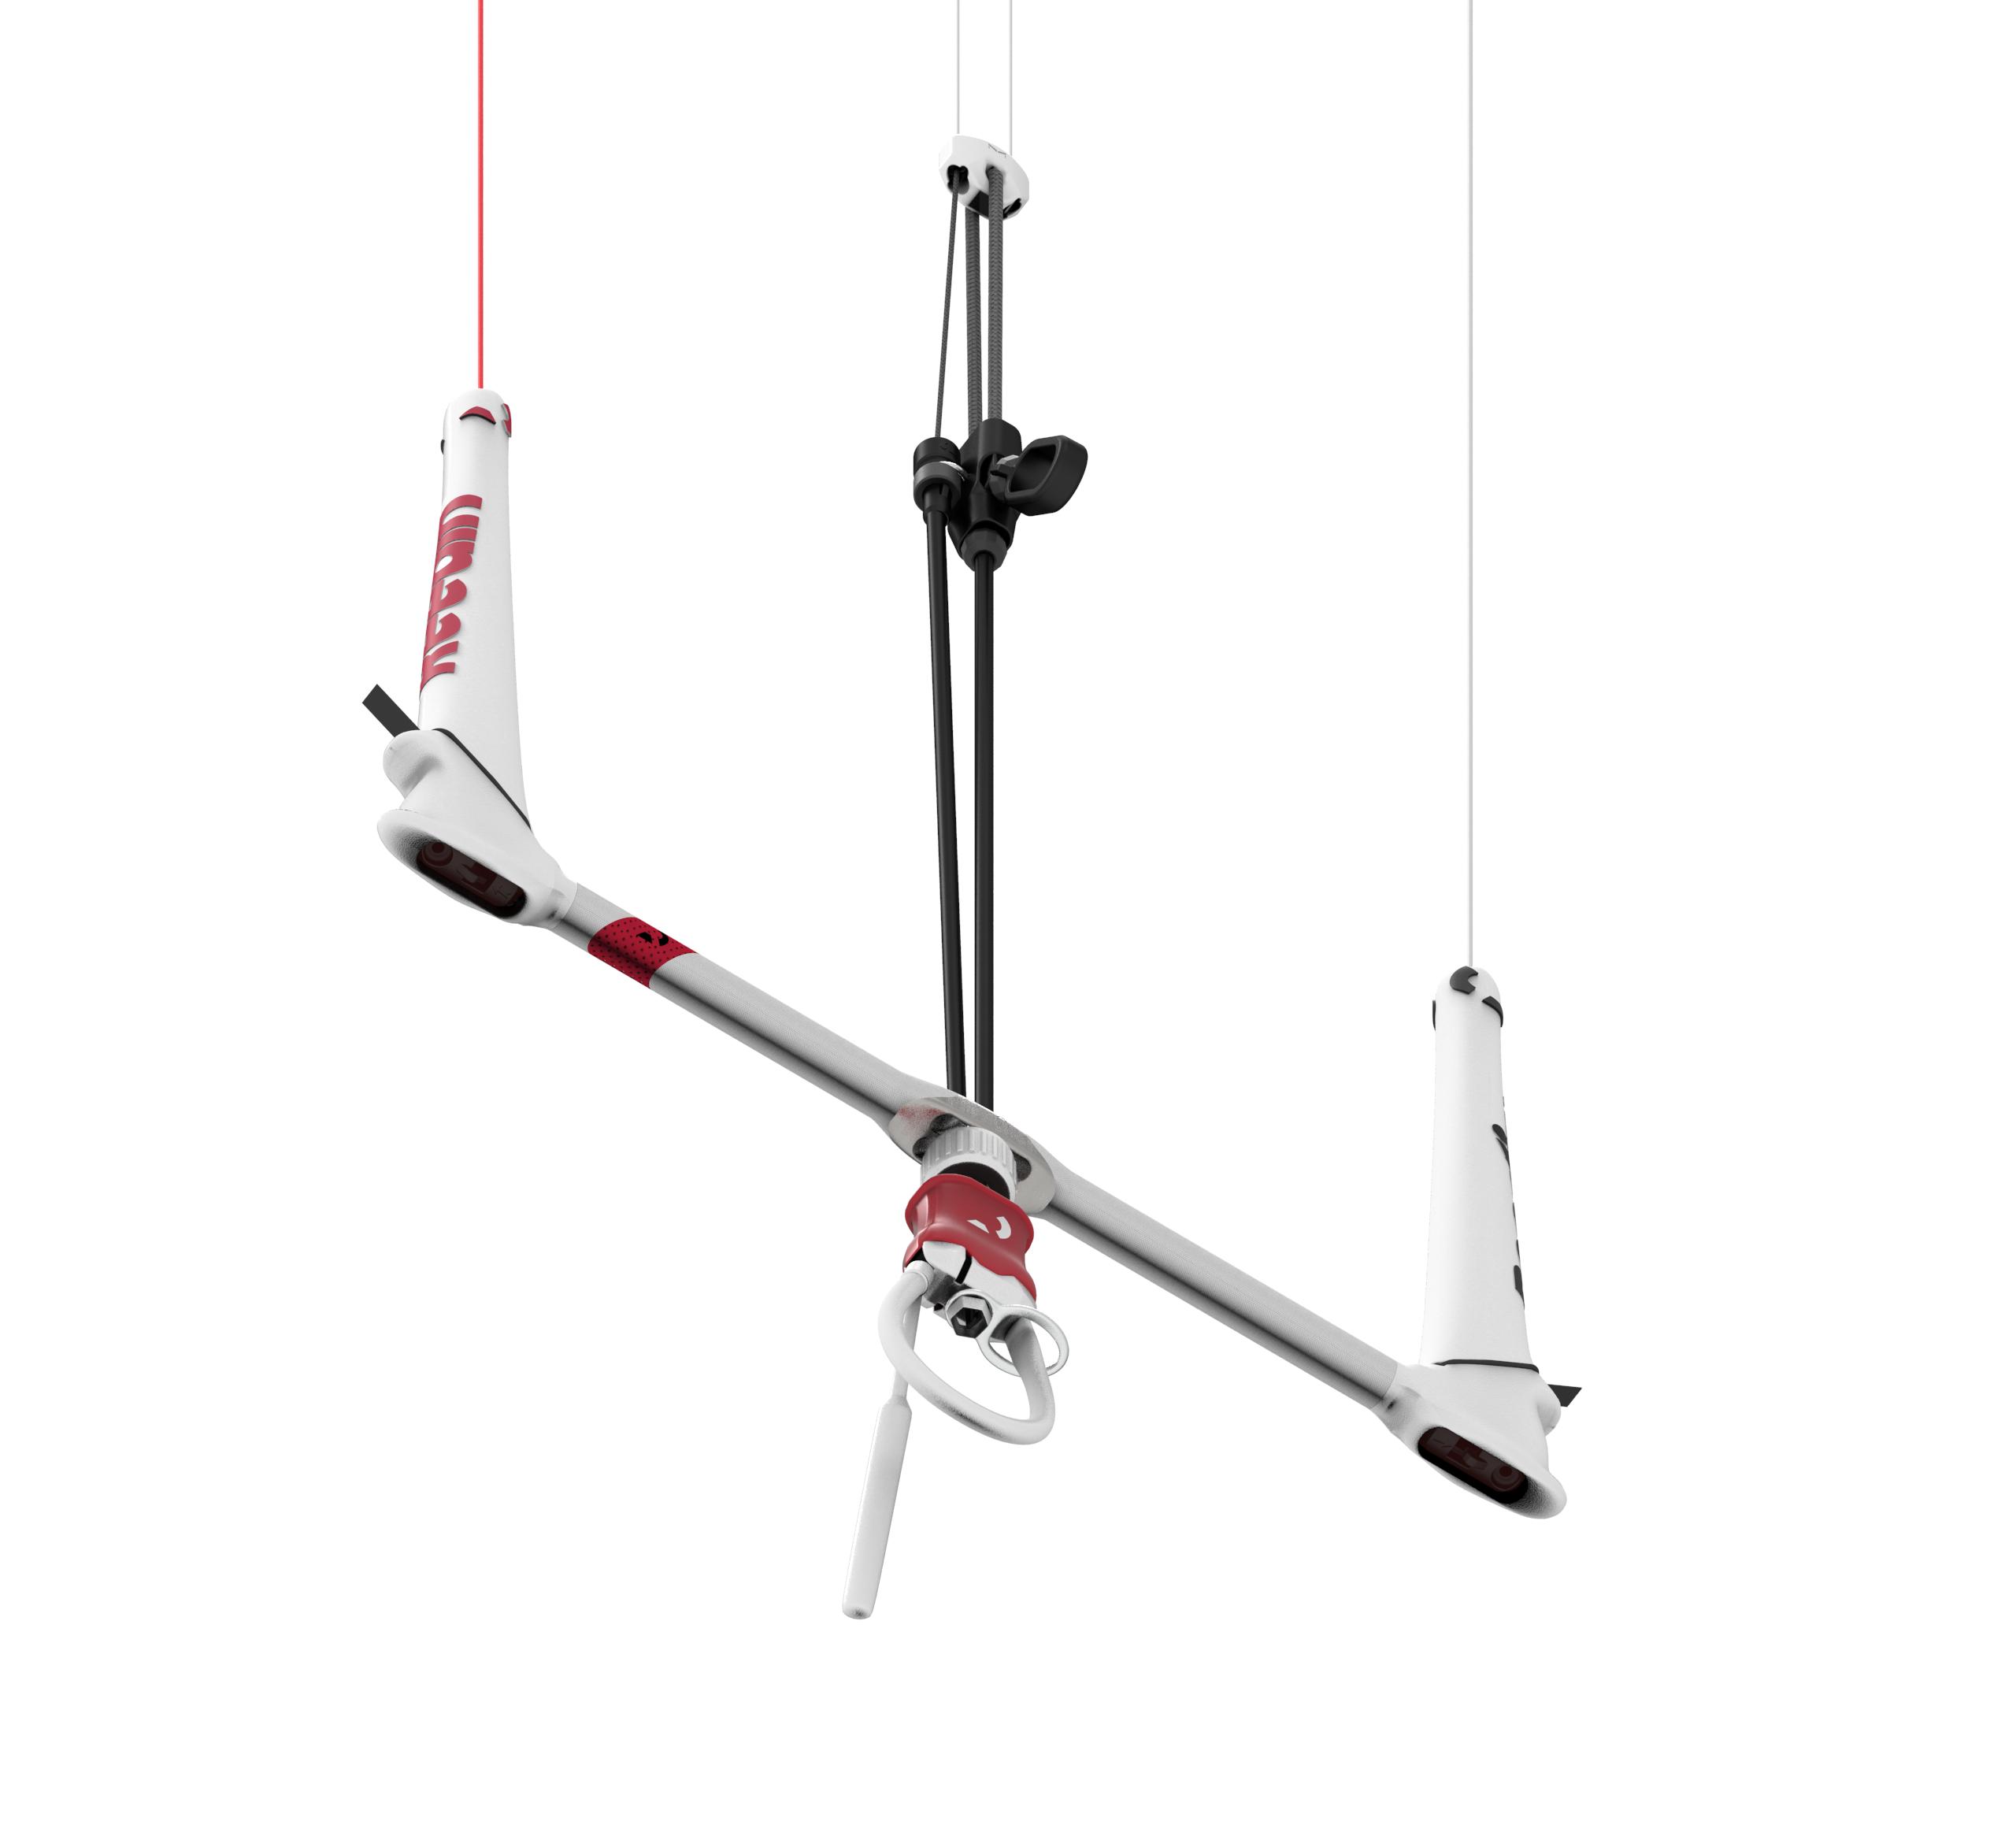 Планка управления 2020 Reedin Kites Dreamstick